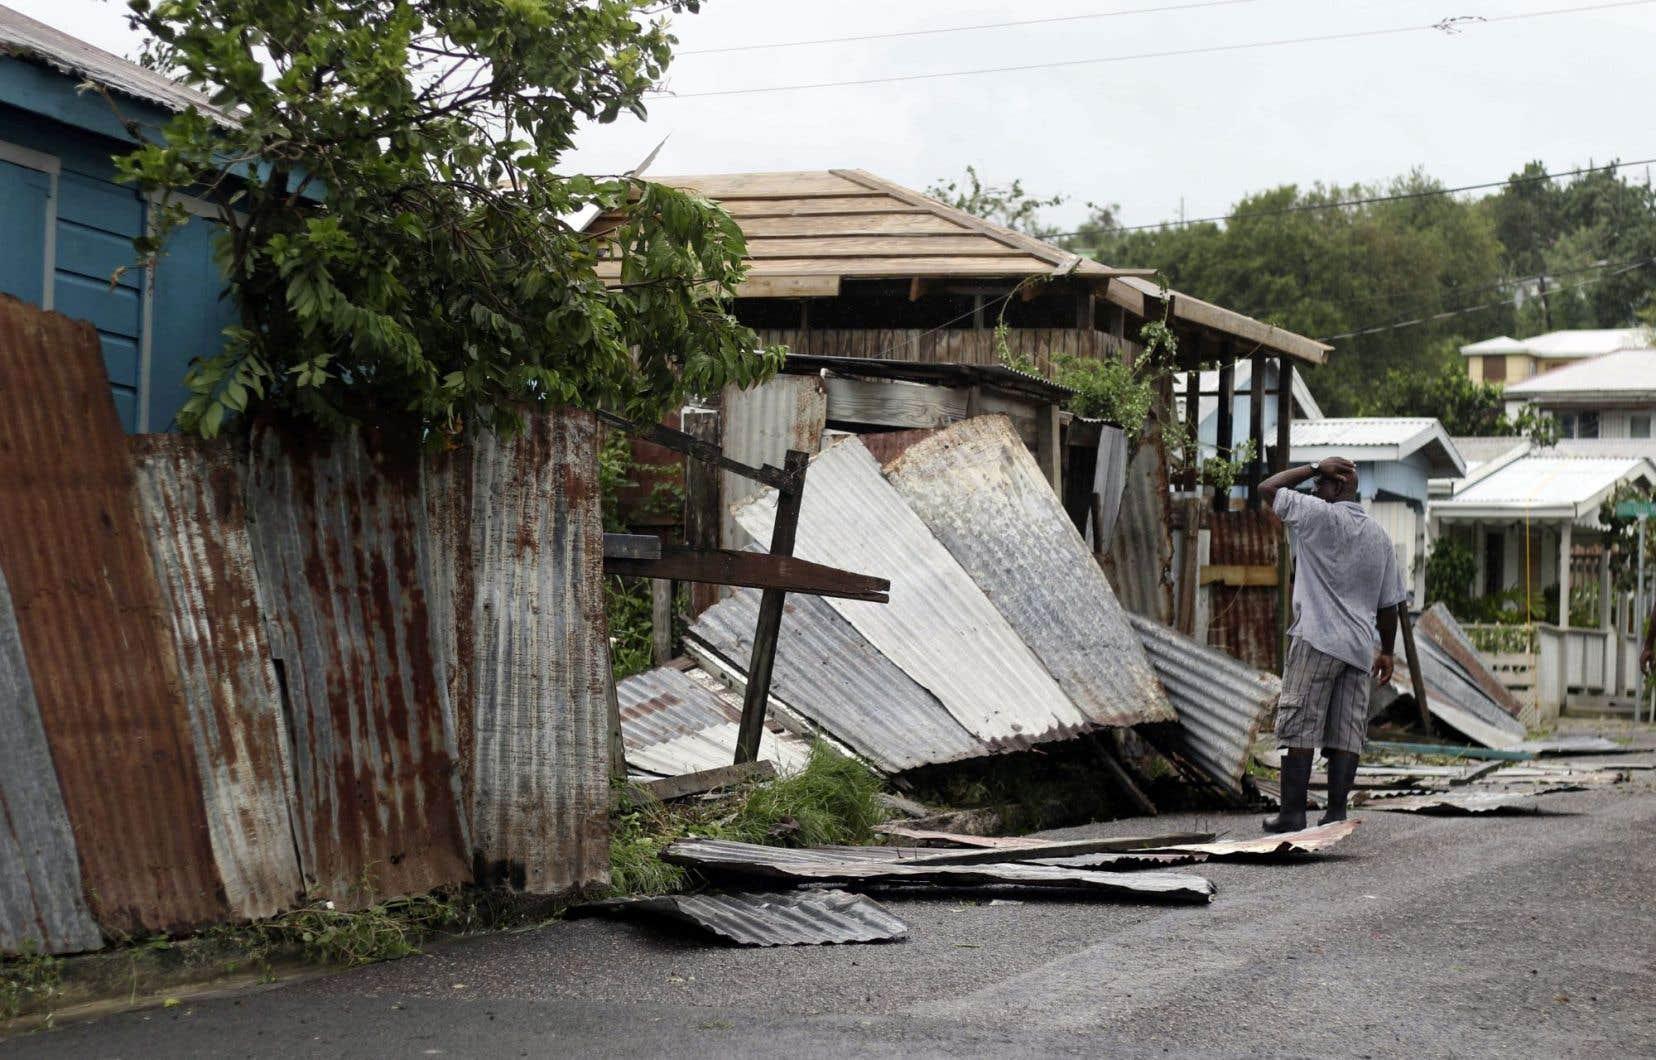 Un homme constatant les dégâts sur sa propriété à St. John's, à Antigua-et-Barbuda, après le passage d'<em>Irma</em>, mercredi